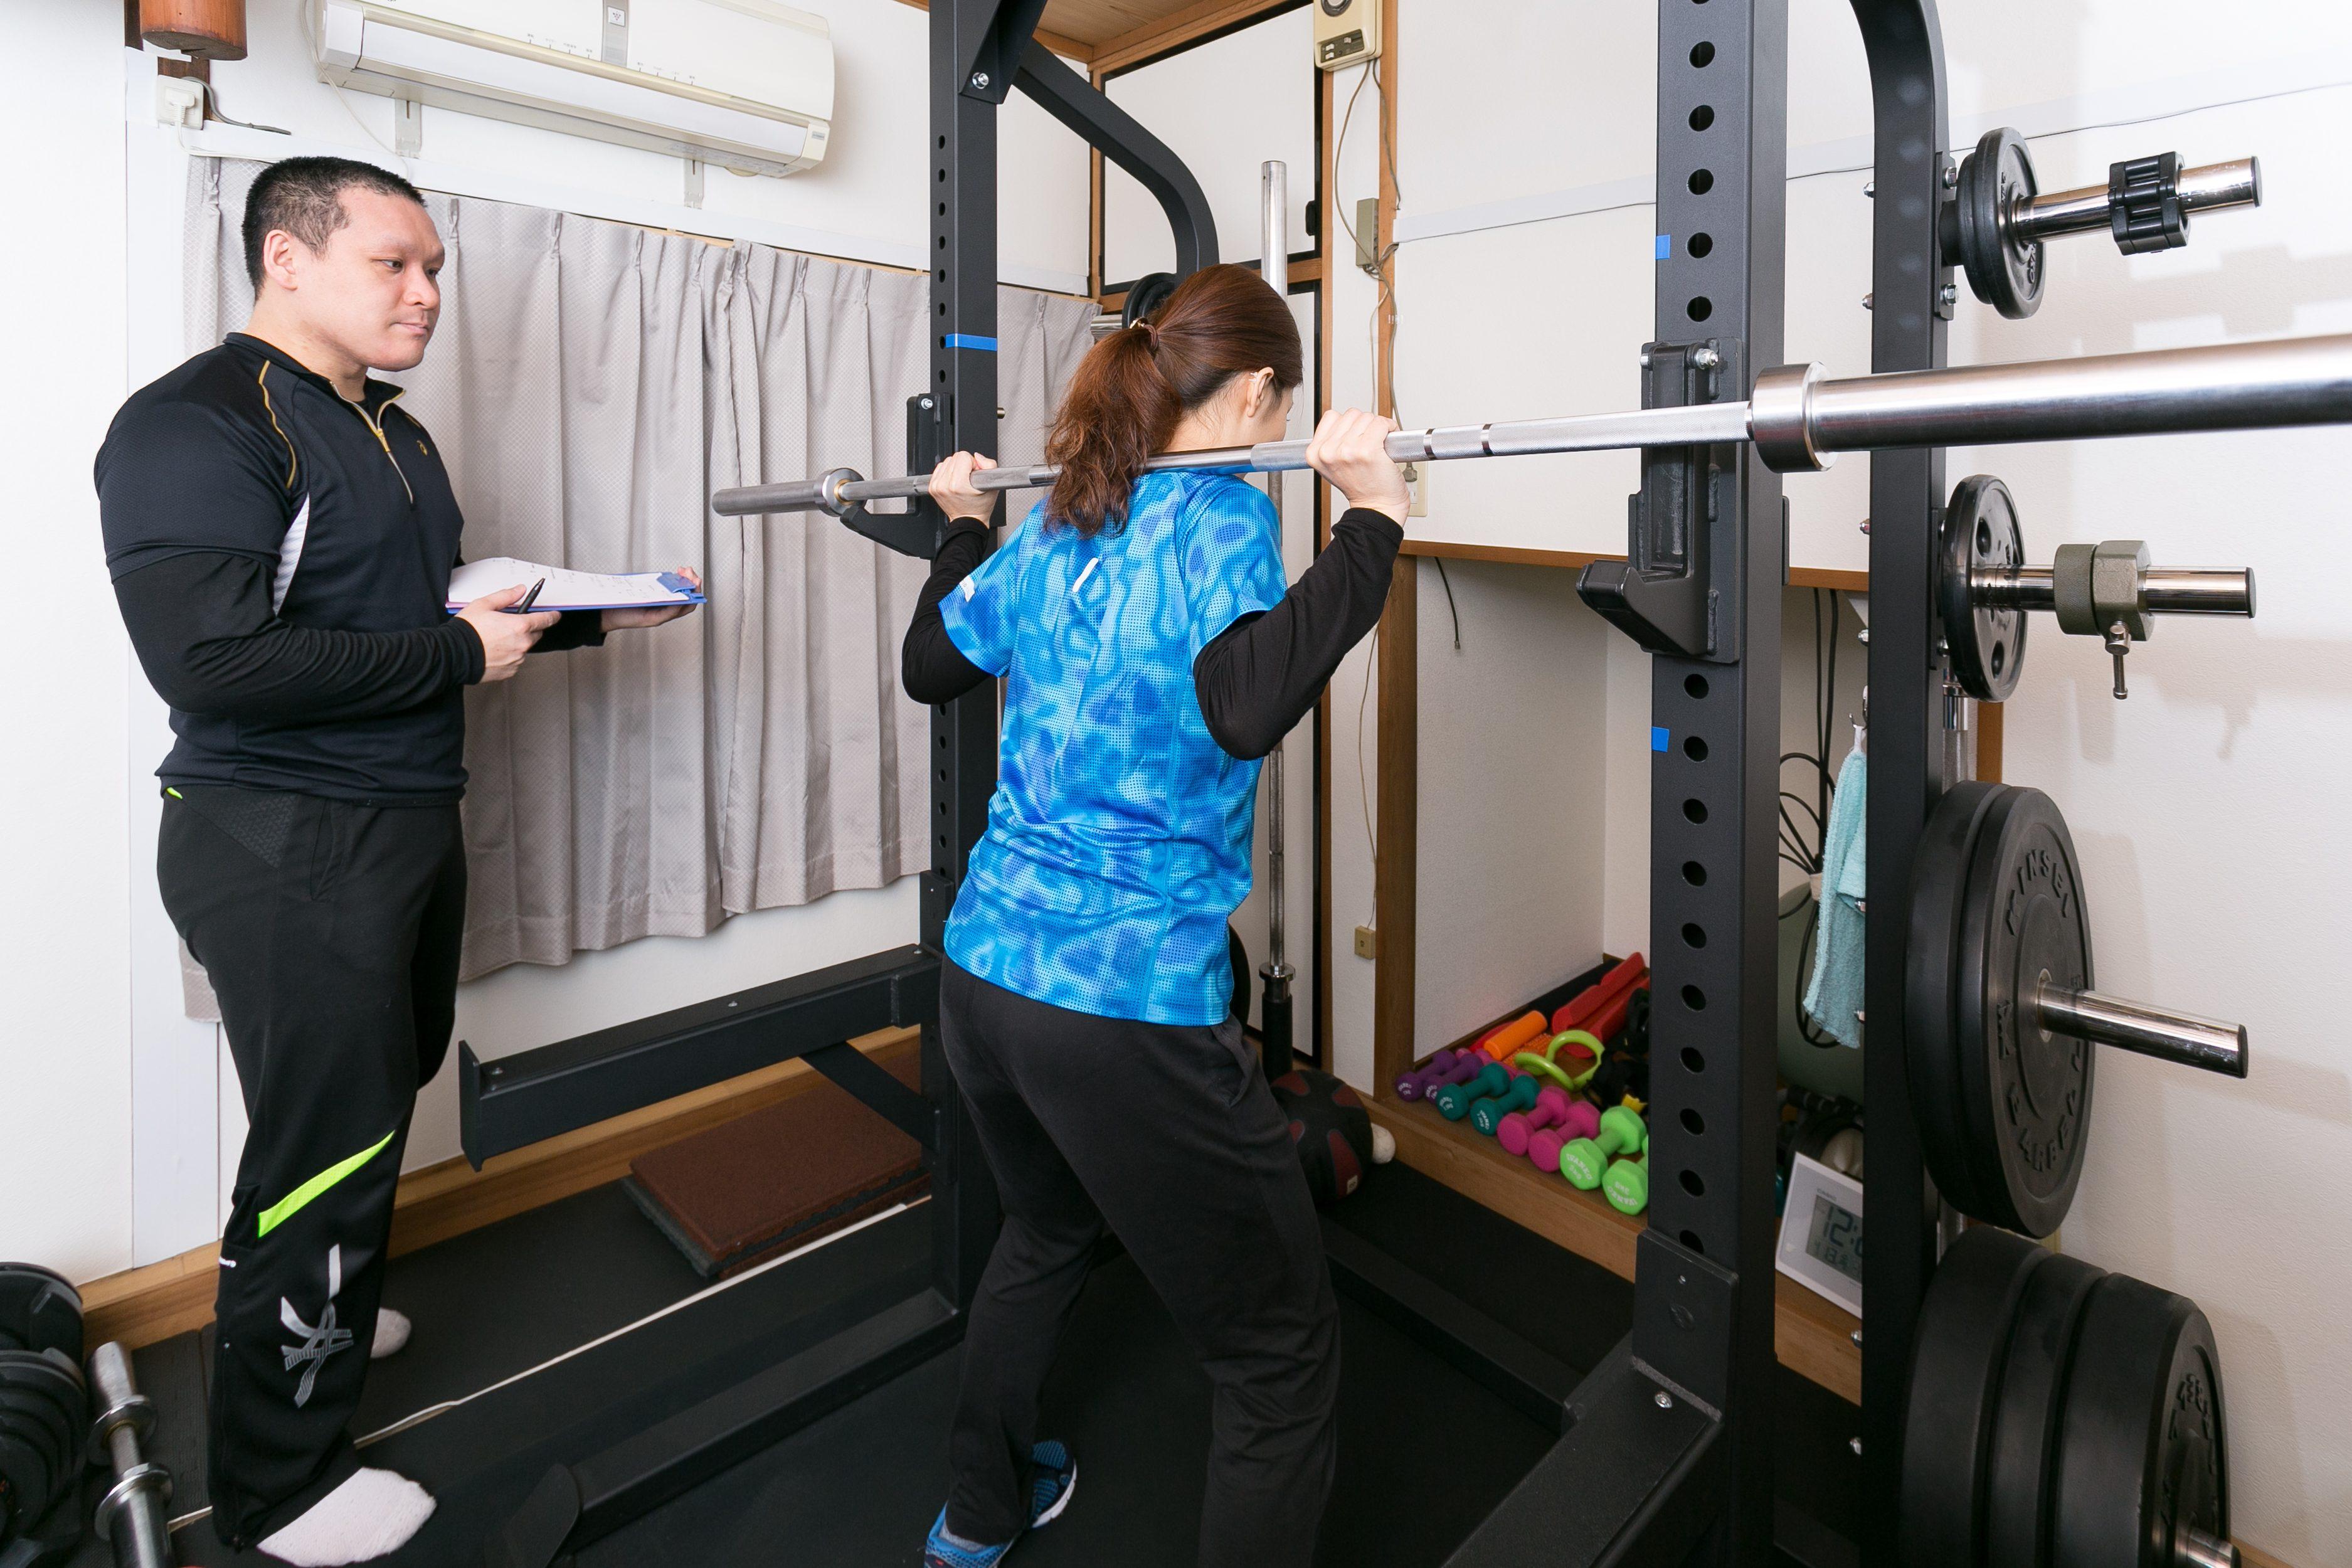 BMSパーソナルトレーニングジムの画像